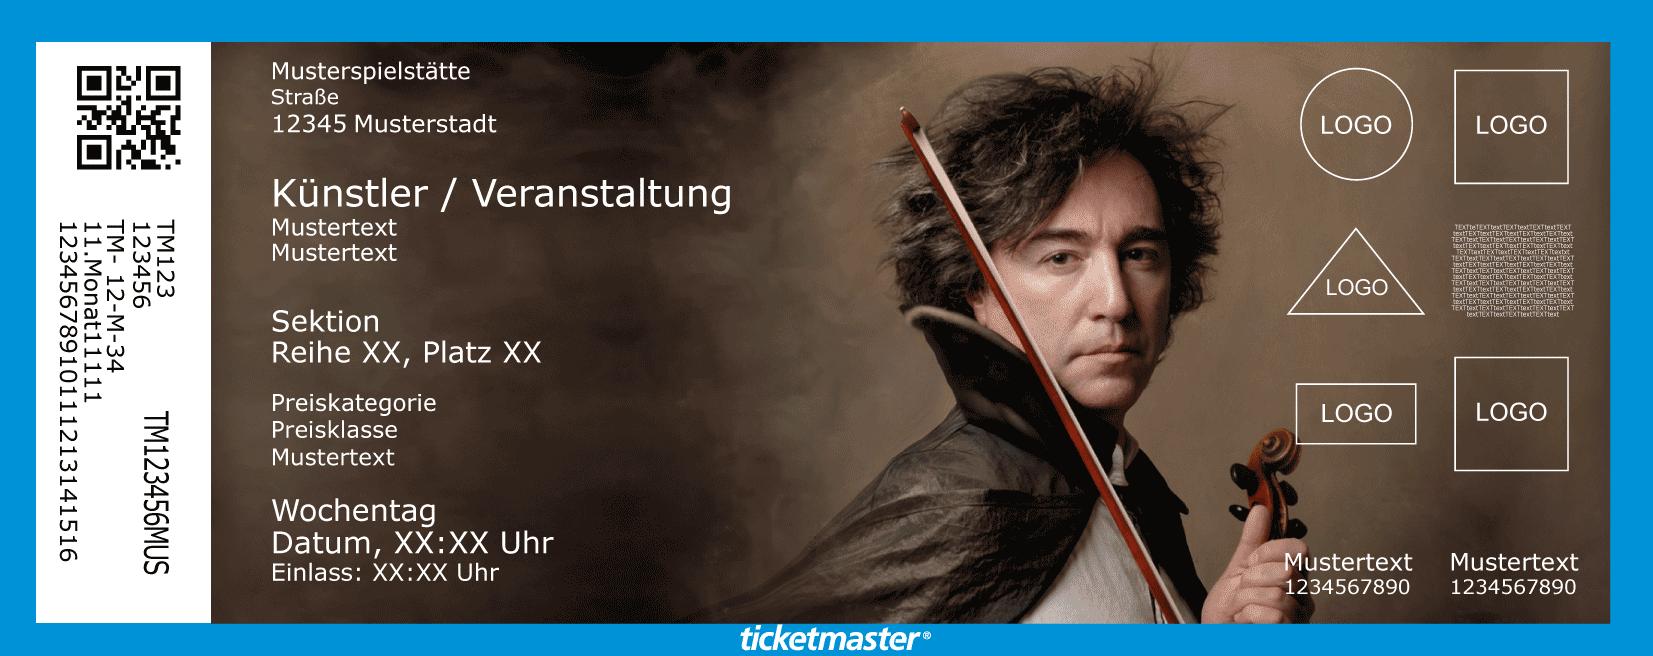 Veranstaltungen in der Region um Mannheim/Ludwigshafen